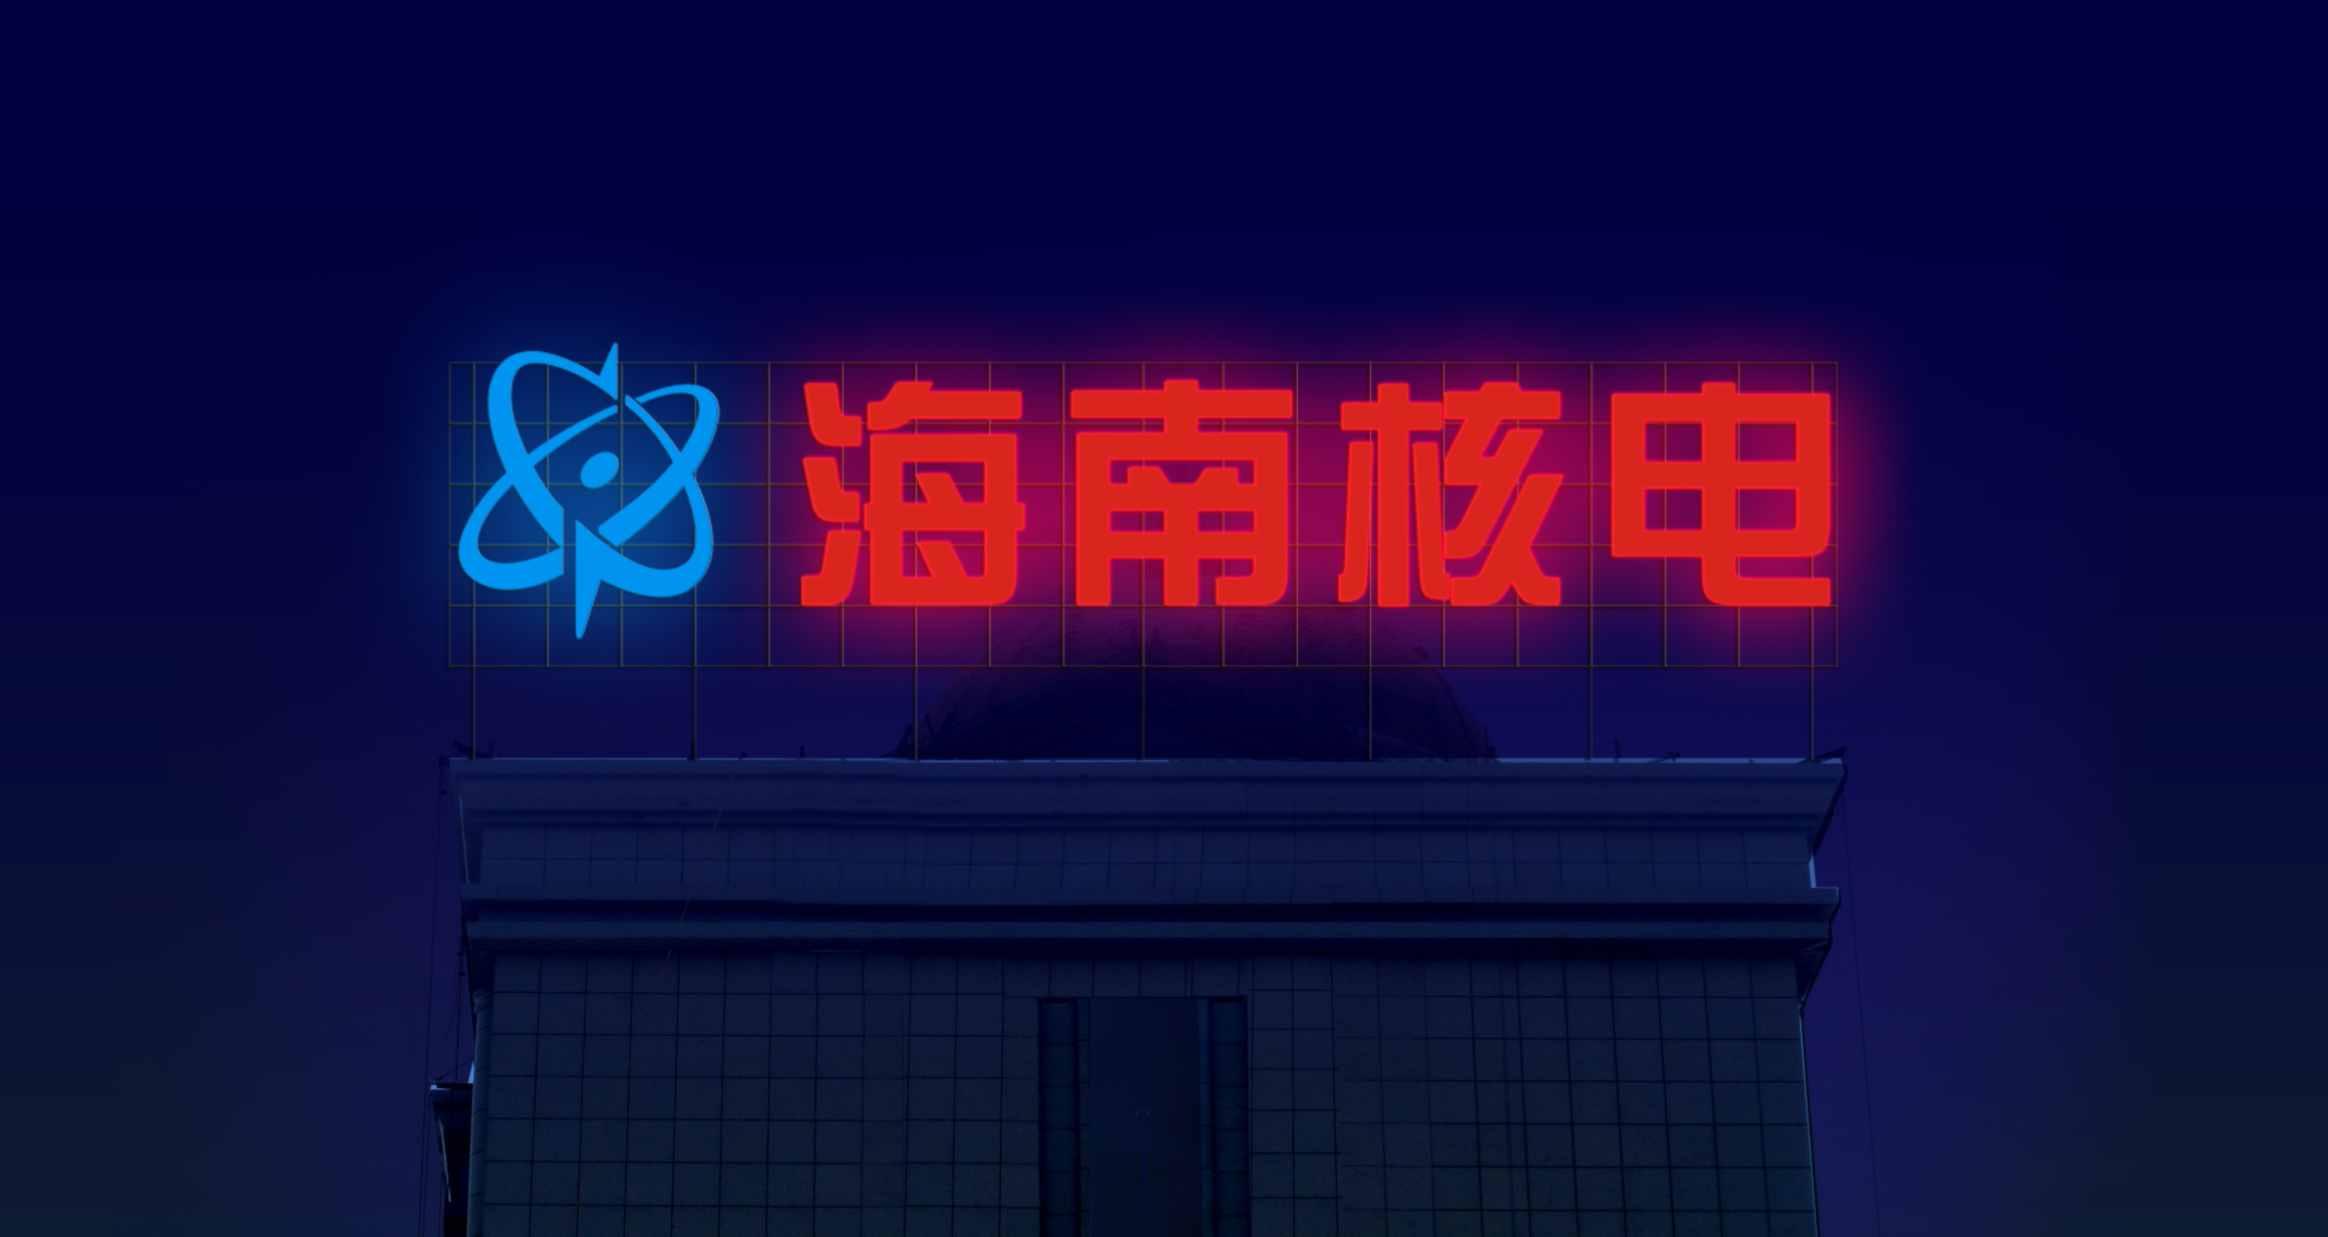 海南核电西汉姆联赞助商必威必威网址app